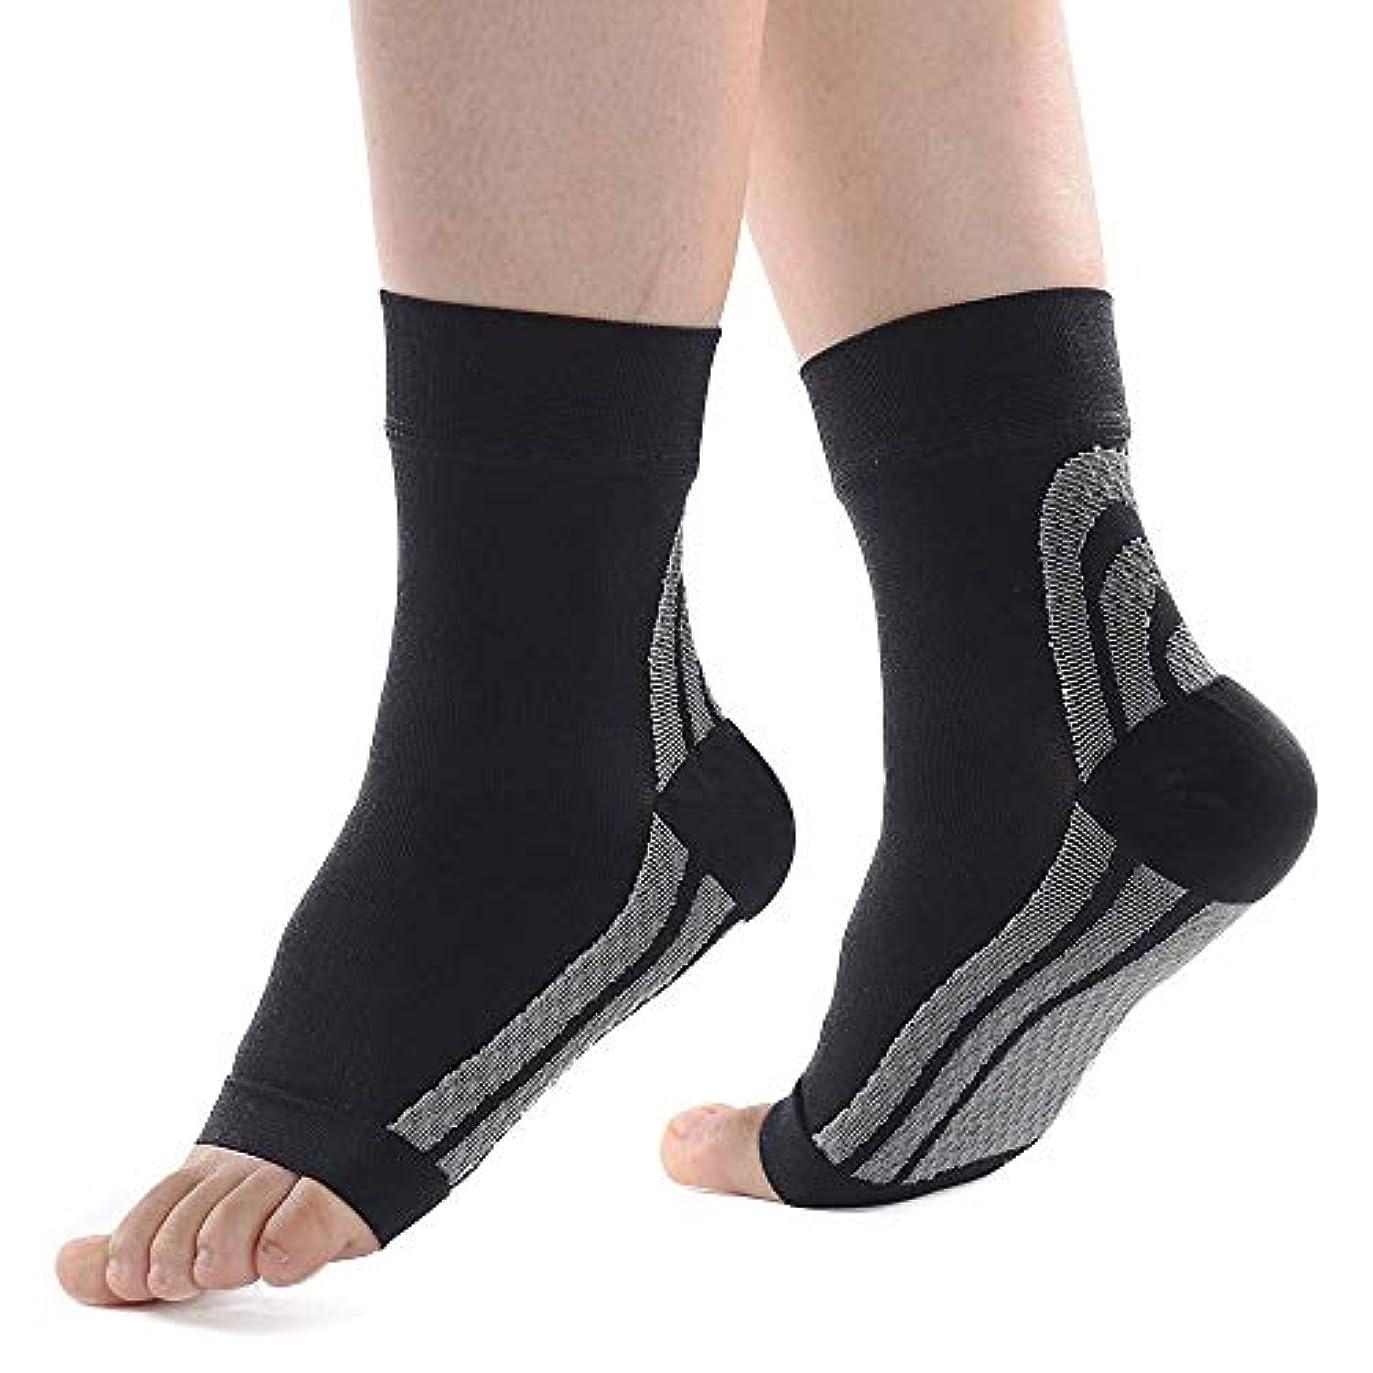 スクラップ獣バレエ扁平足 サポーター 足底筋膜炎 扁平足 矯正 アーチサポーター 土踏まず 疲れを軽減,2枚入り